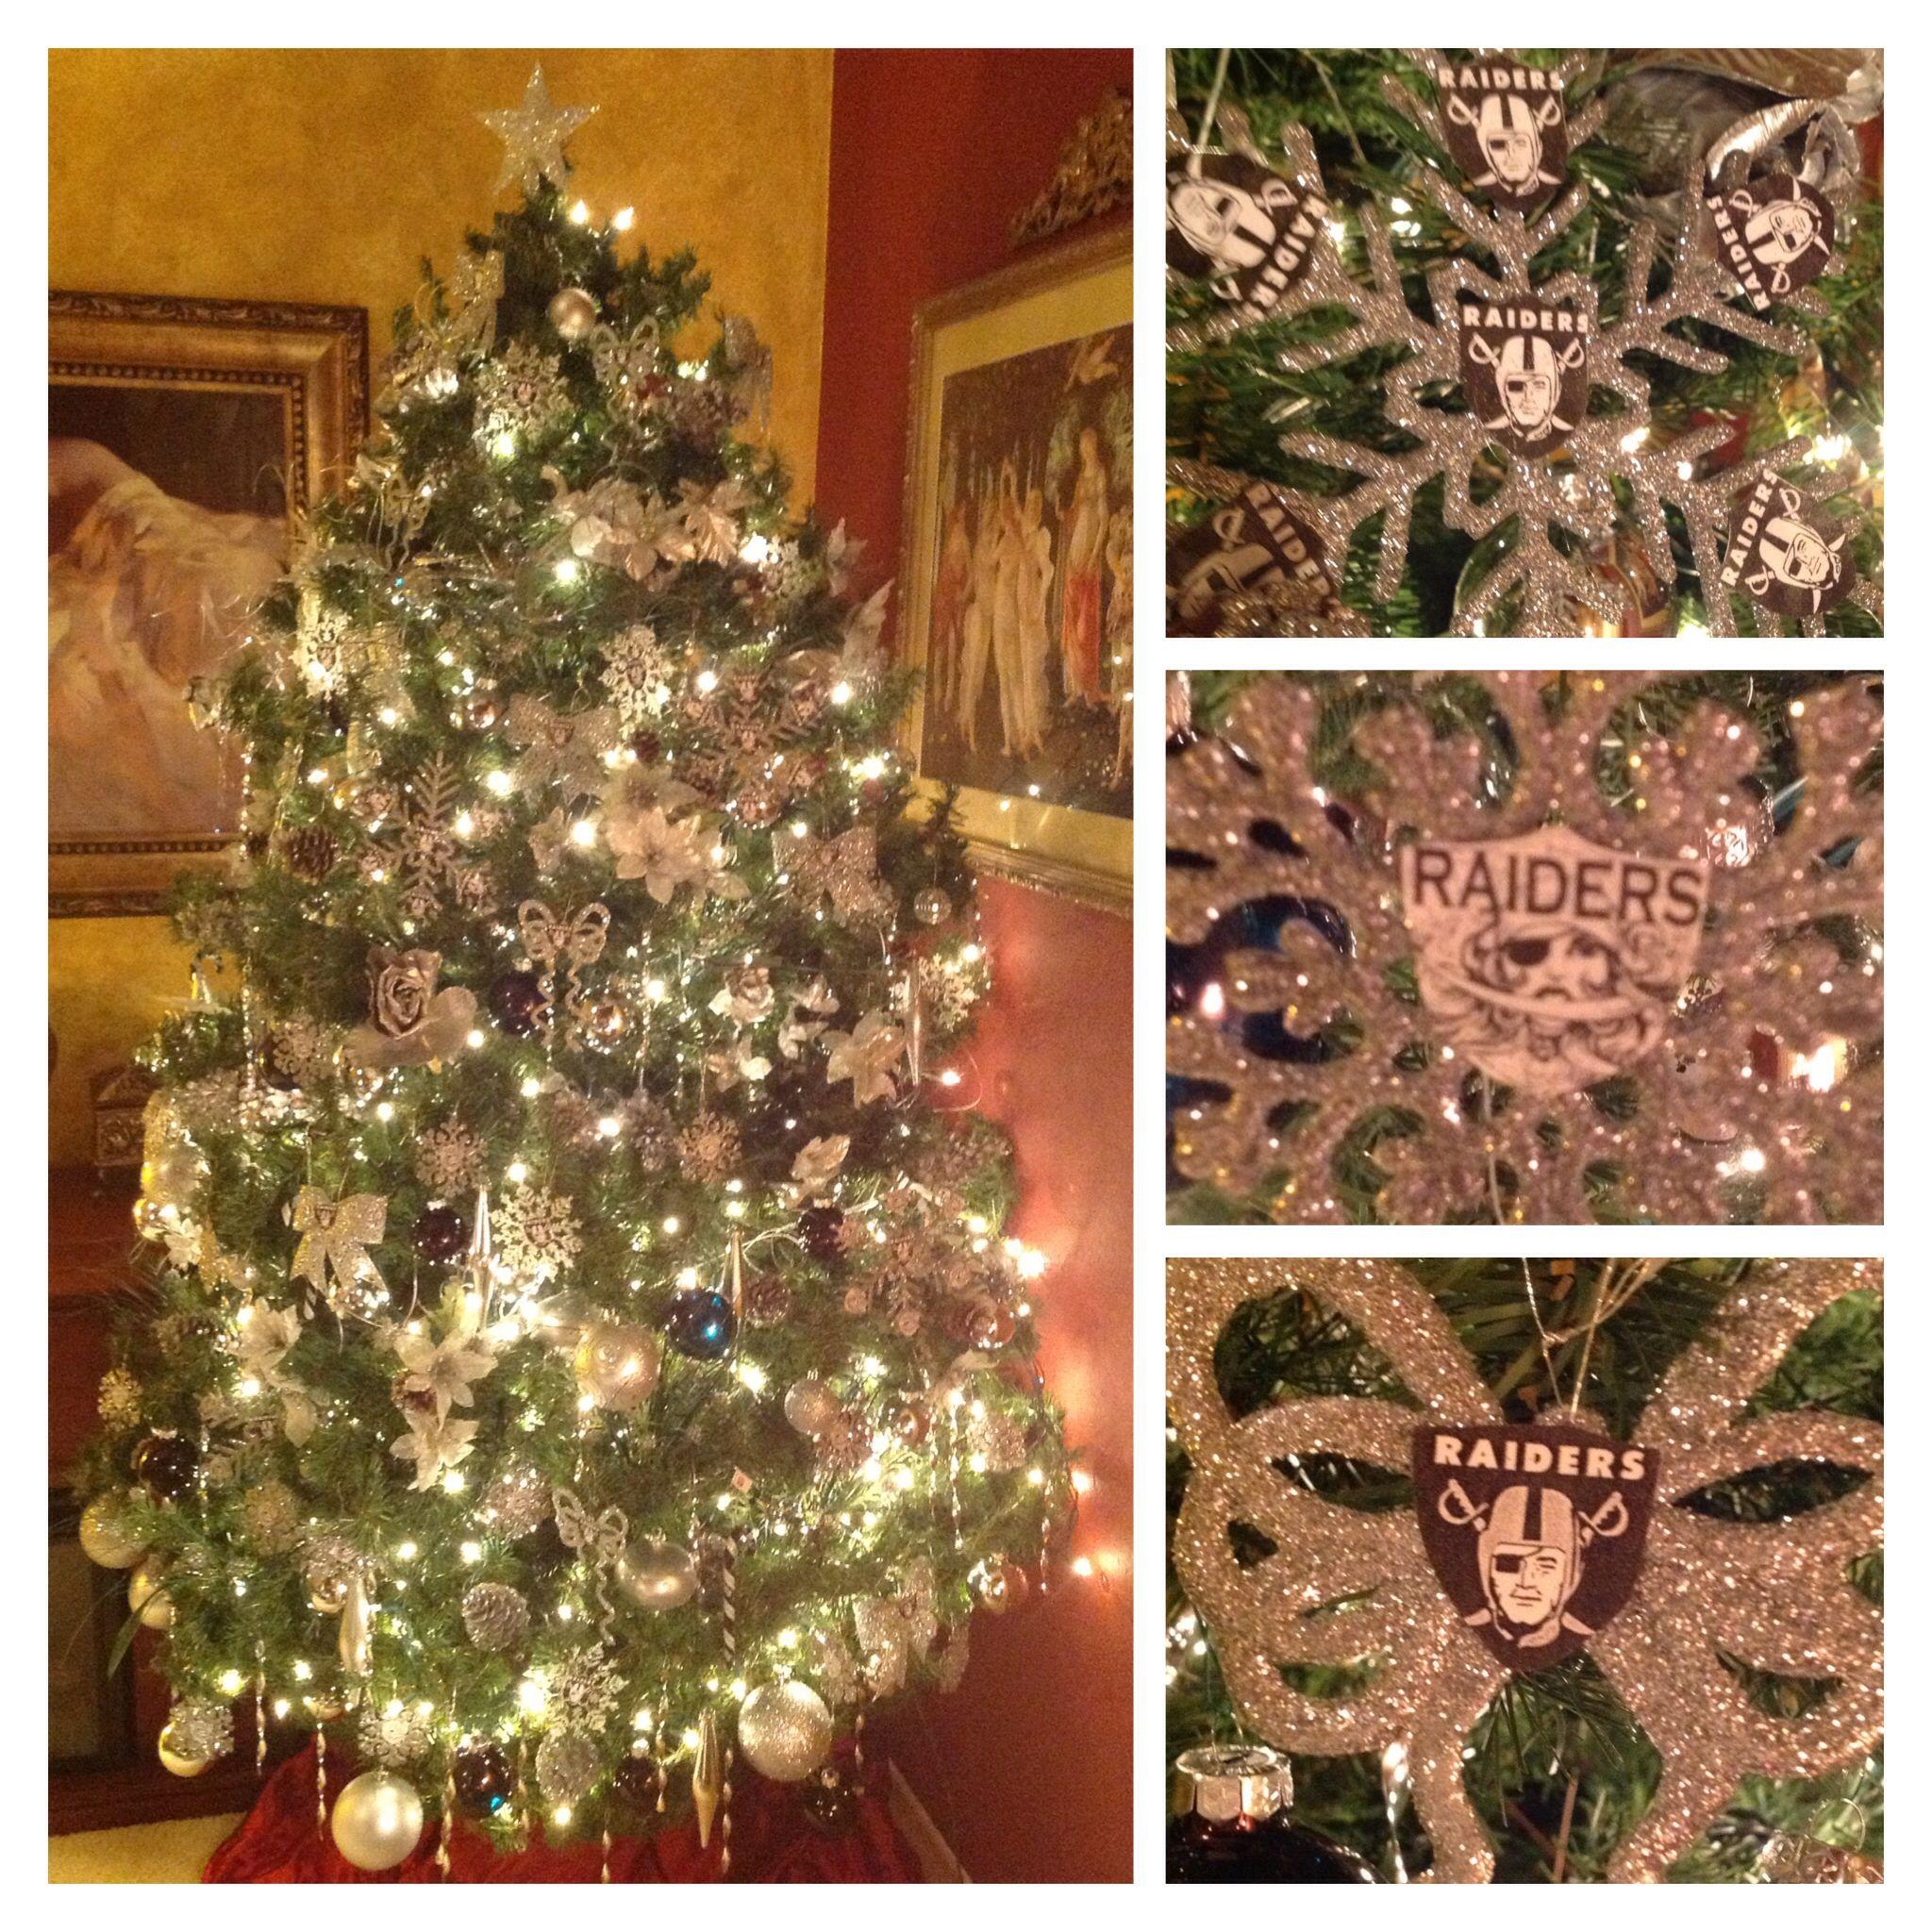 Raiders Christmas Tree  Decoration  Pinterest  Raiders